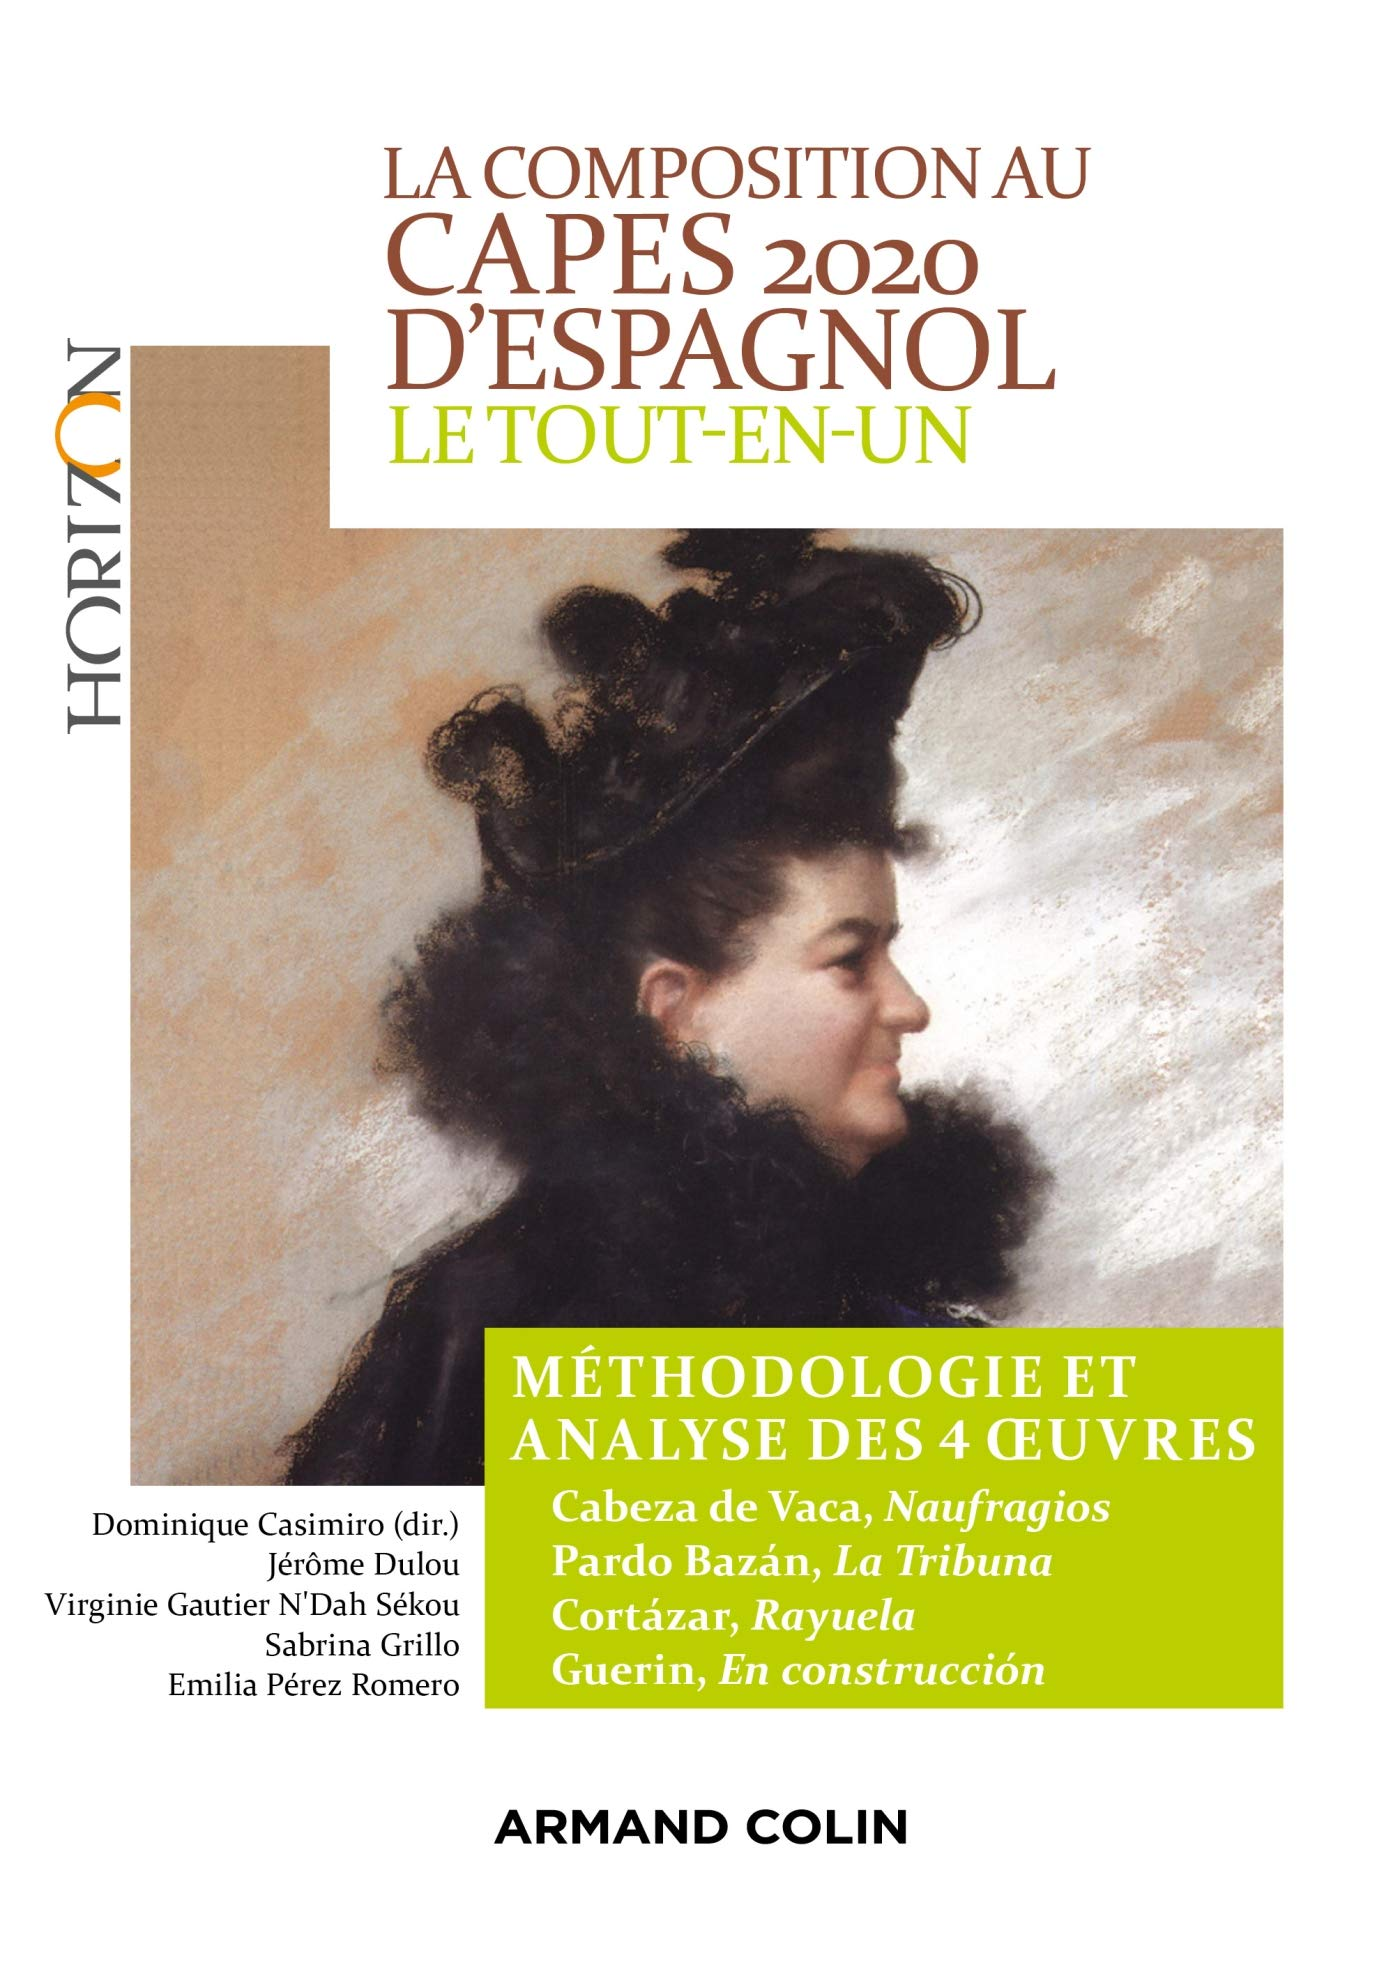 La composition au CAPES 2020 d'espagnol - Le tout-en-un : Méthodologie et analyse des 4 oeuvres